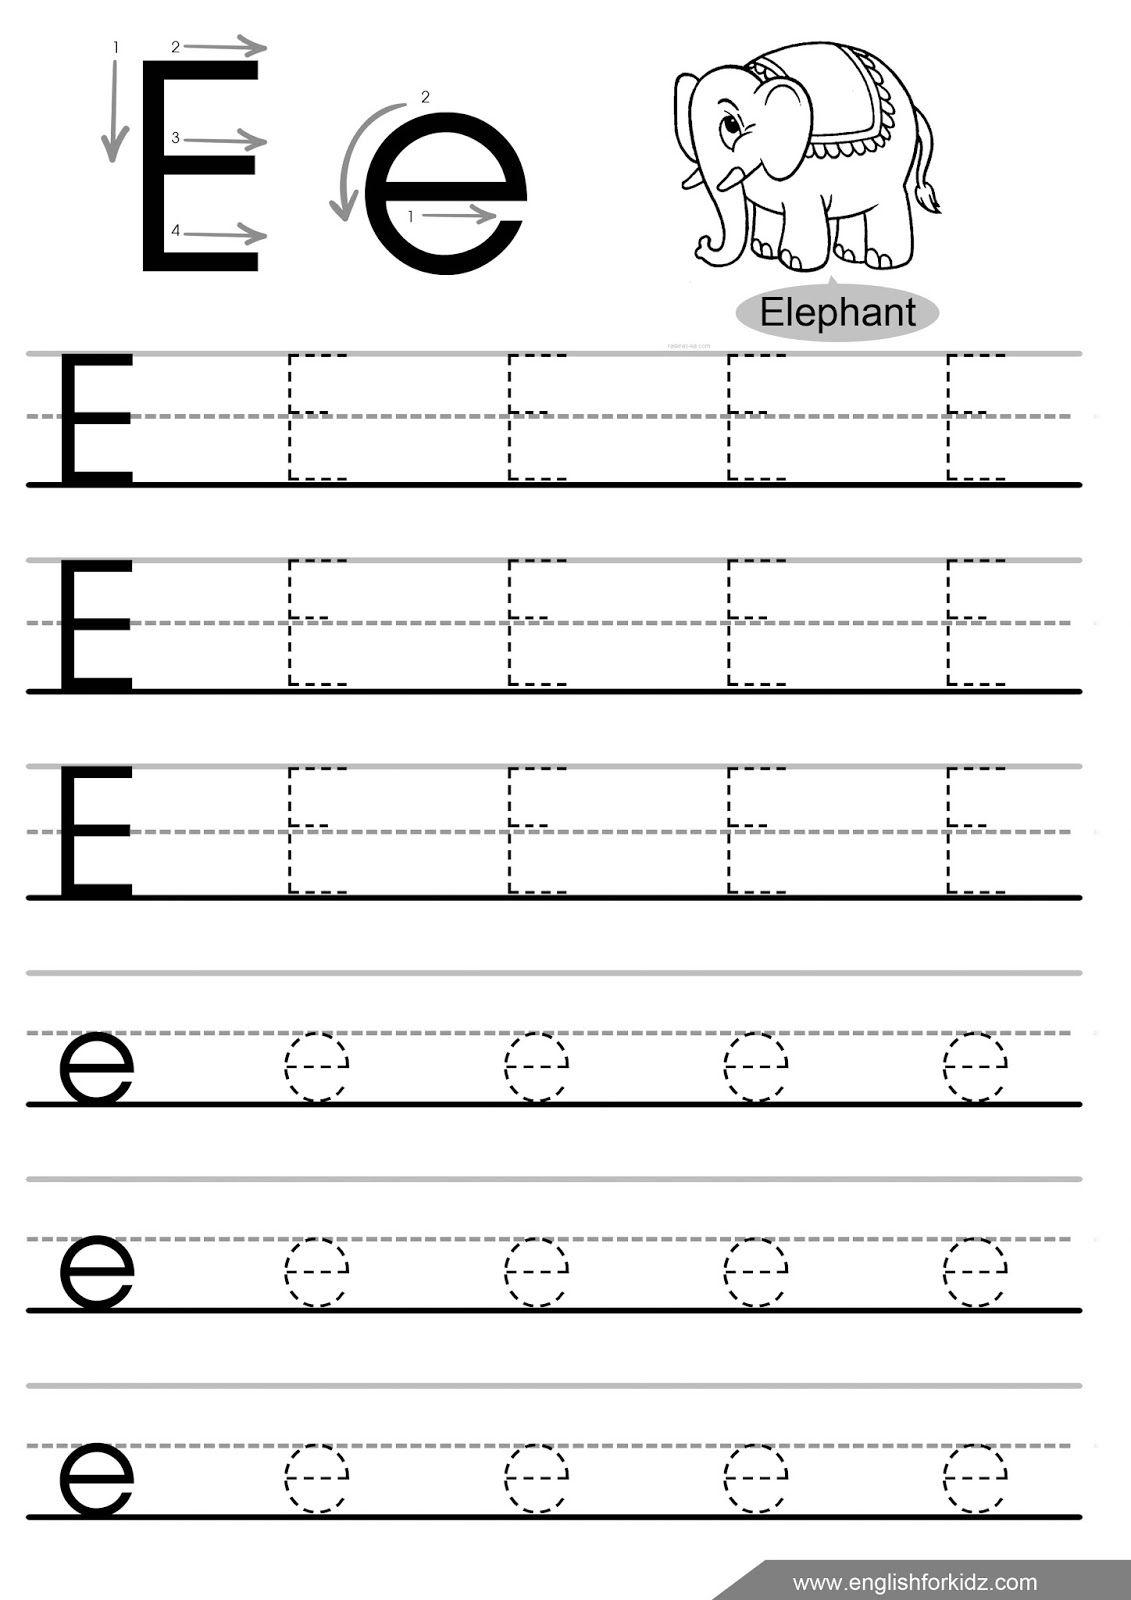 Letter Tracing Worksheets Letters A J | Activități Școlare inside Letter L Worksheets Twisty Noodle